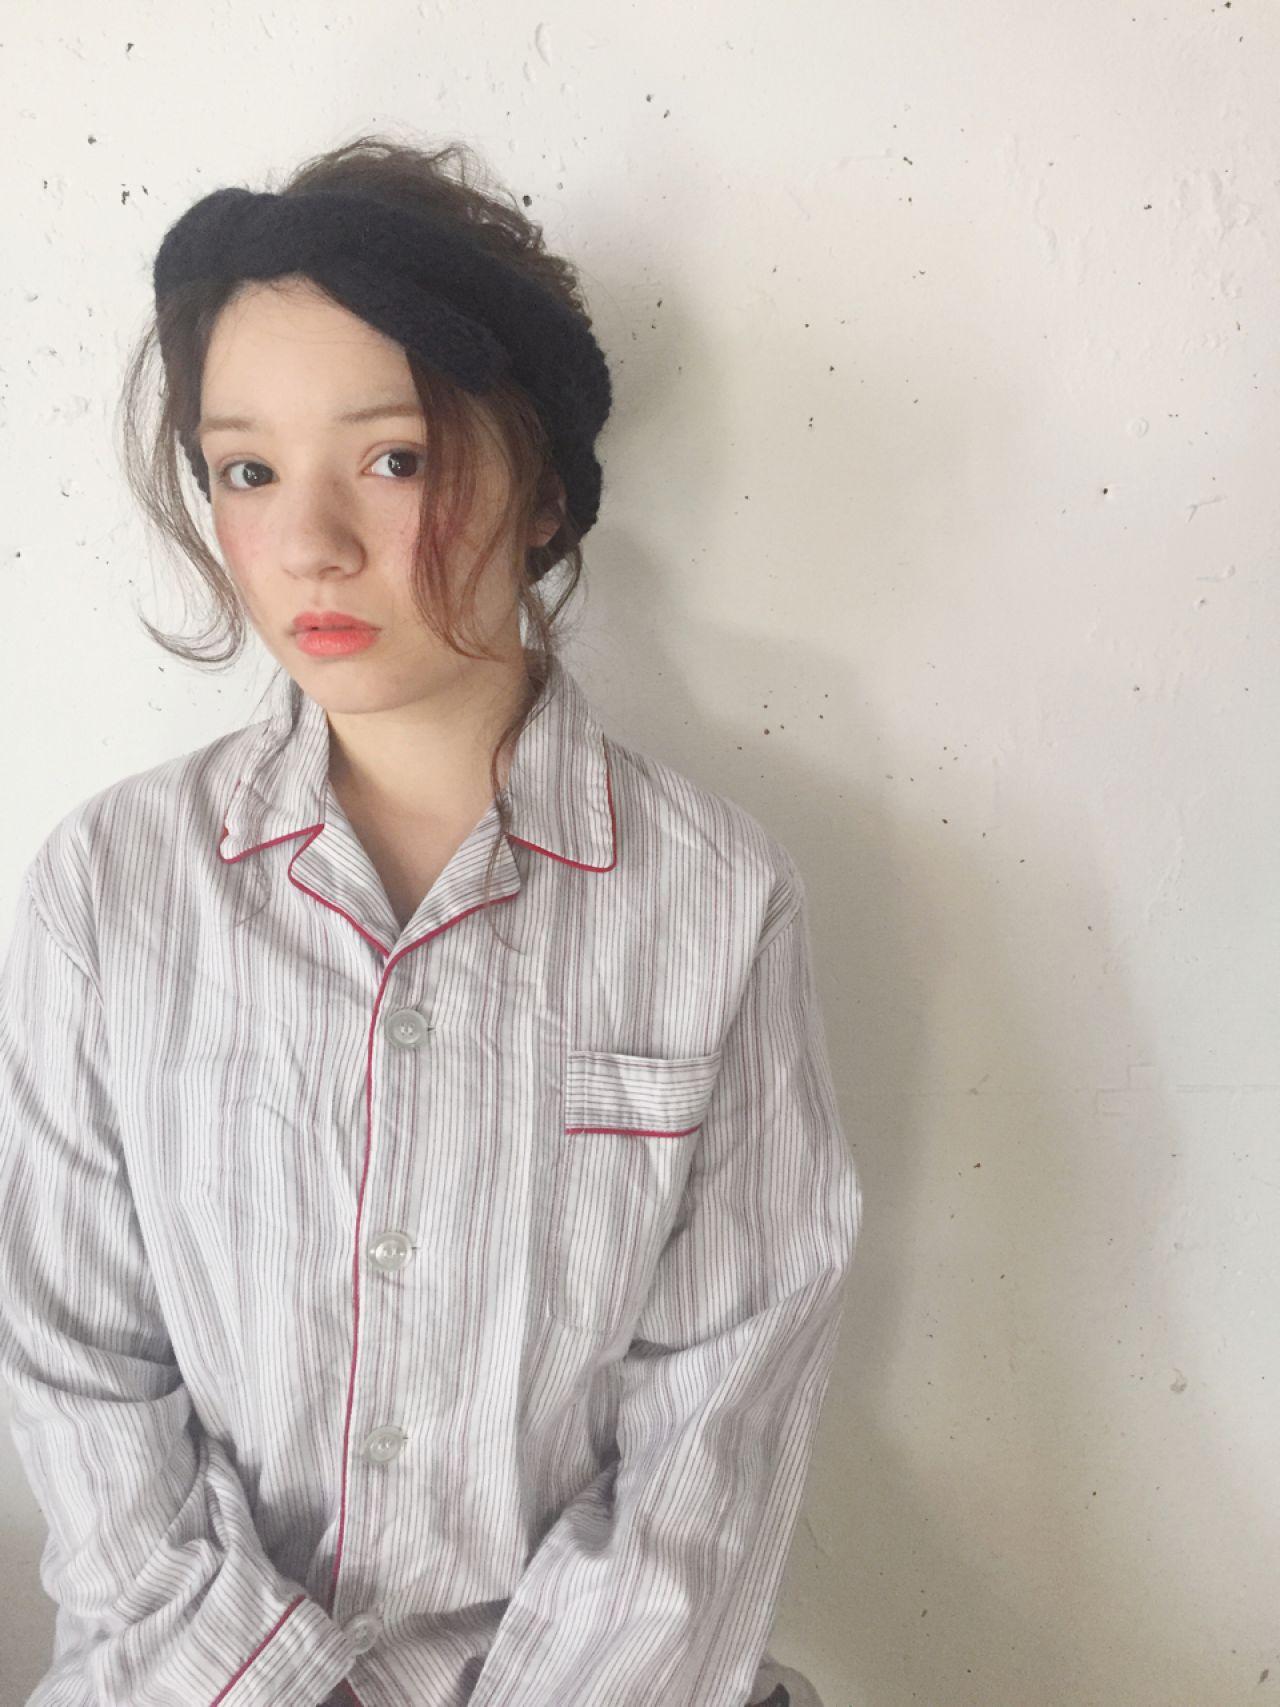 春 ロング ストリート パンク ヘアスタイルや髪型の写真・画像 | 内埜 晃宏 / meuvle